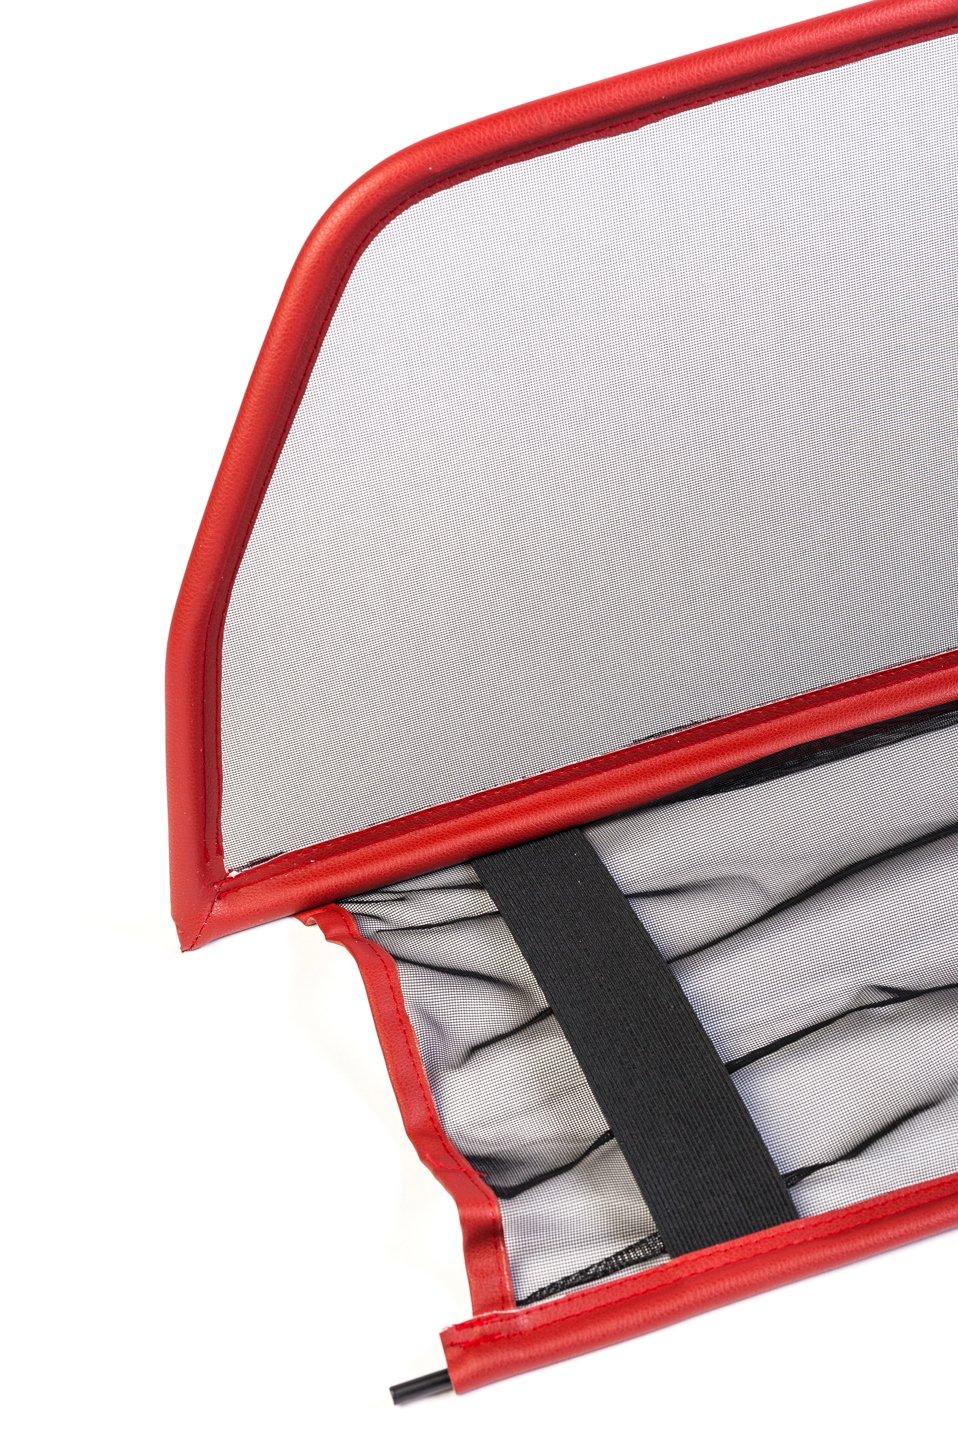 Parabrisas para descapotable Deflector de Aire - Plegable //- Rojo 1998-2003 TiefTech Deflector de Viento para Mercedes CLK W208 Descapotable Deflector de Viento